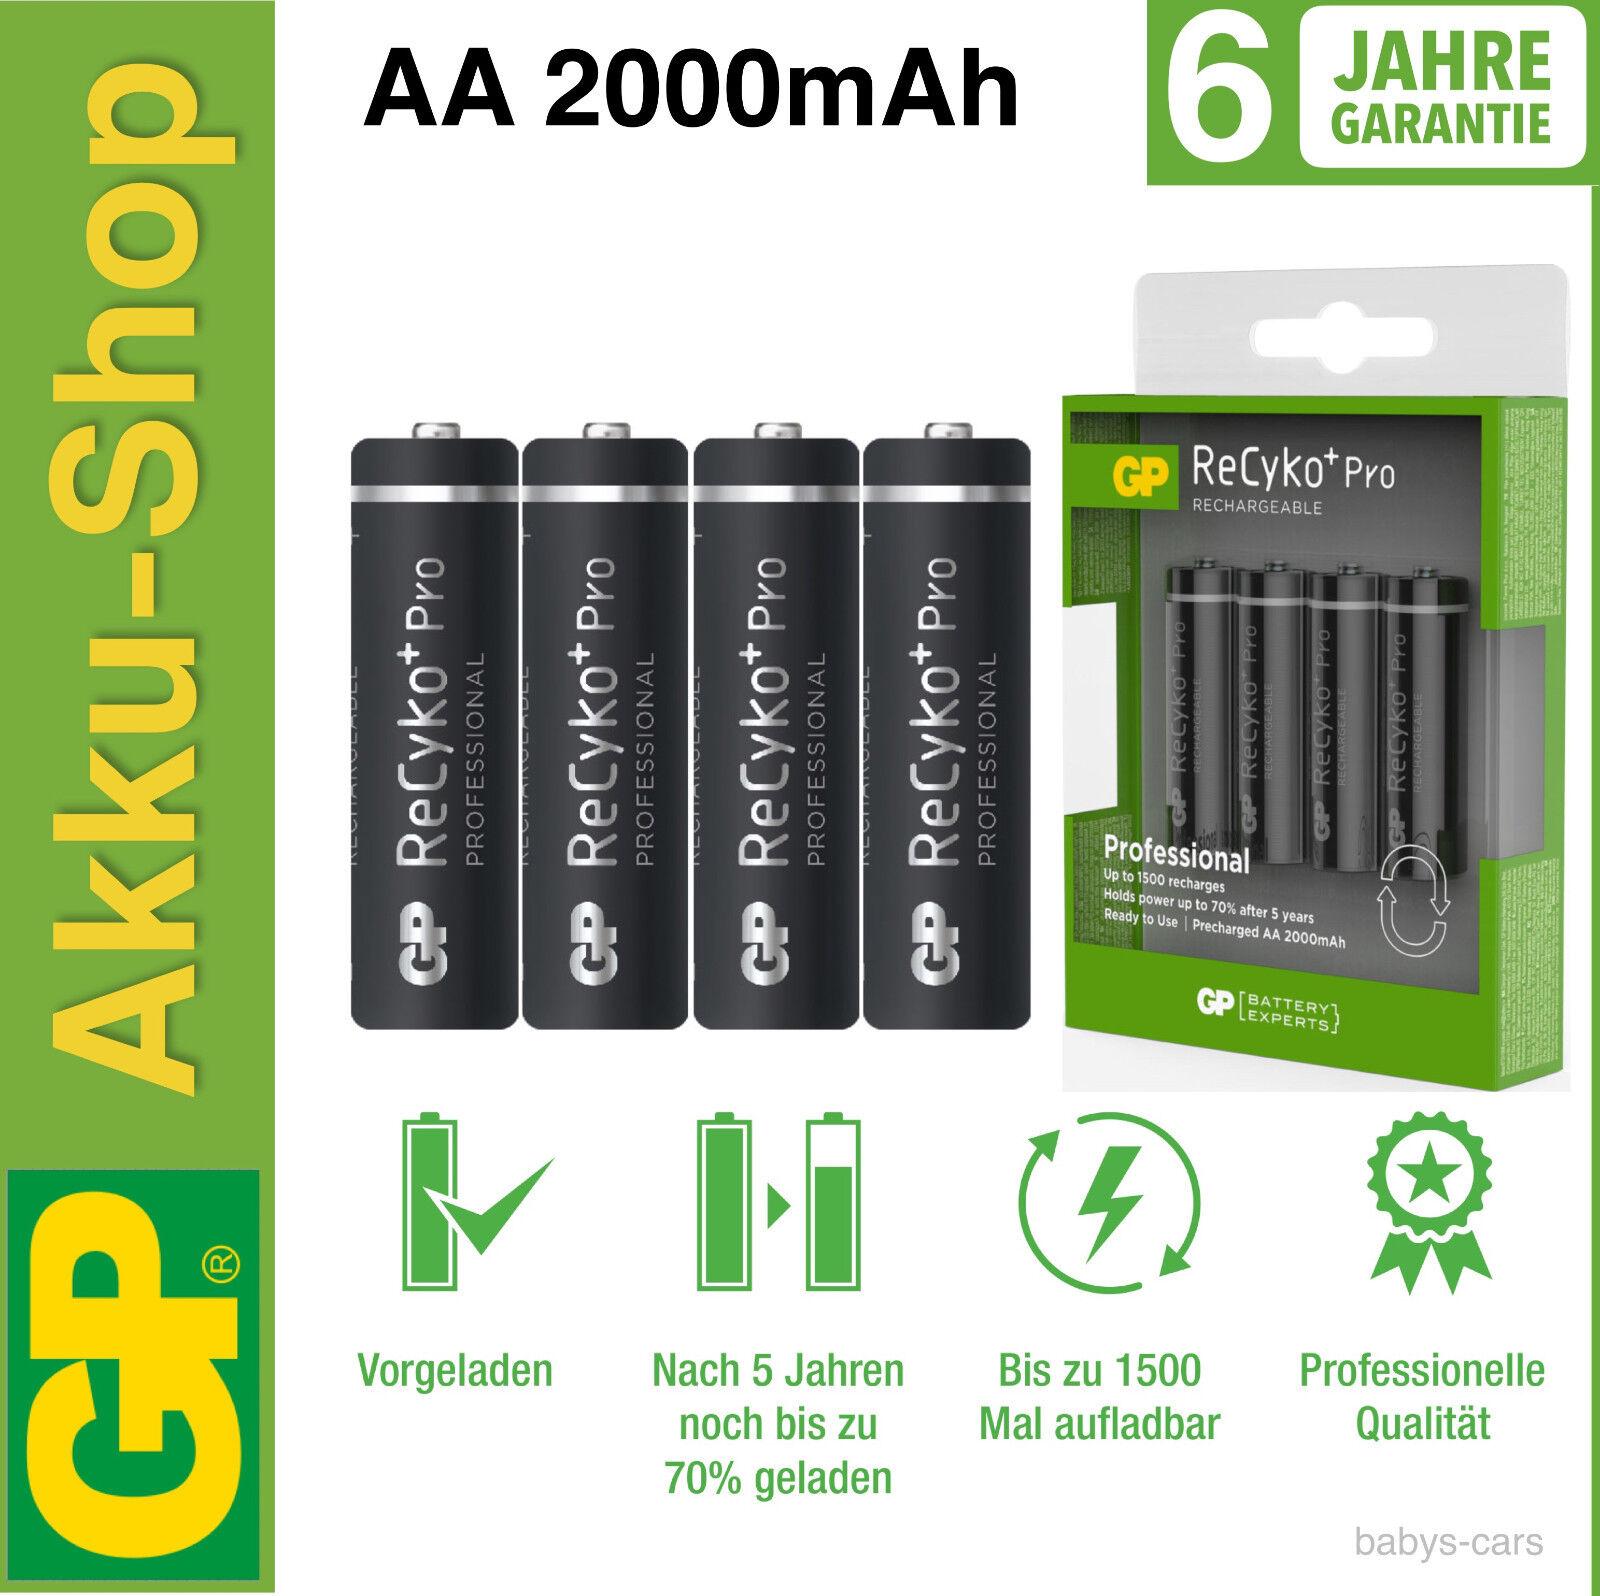 Pro NiMH-Akku 1x4 GP ReCyko+ 2000 mAh Akku AA Mignon Akku Batterie Batterien